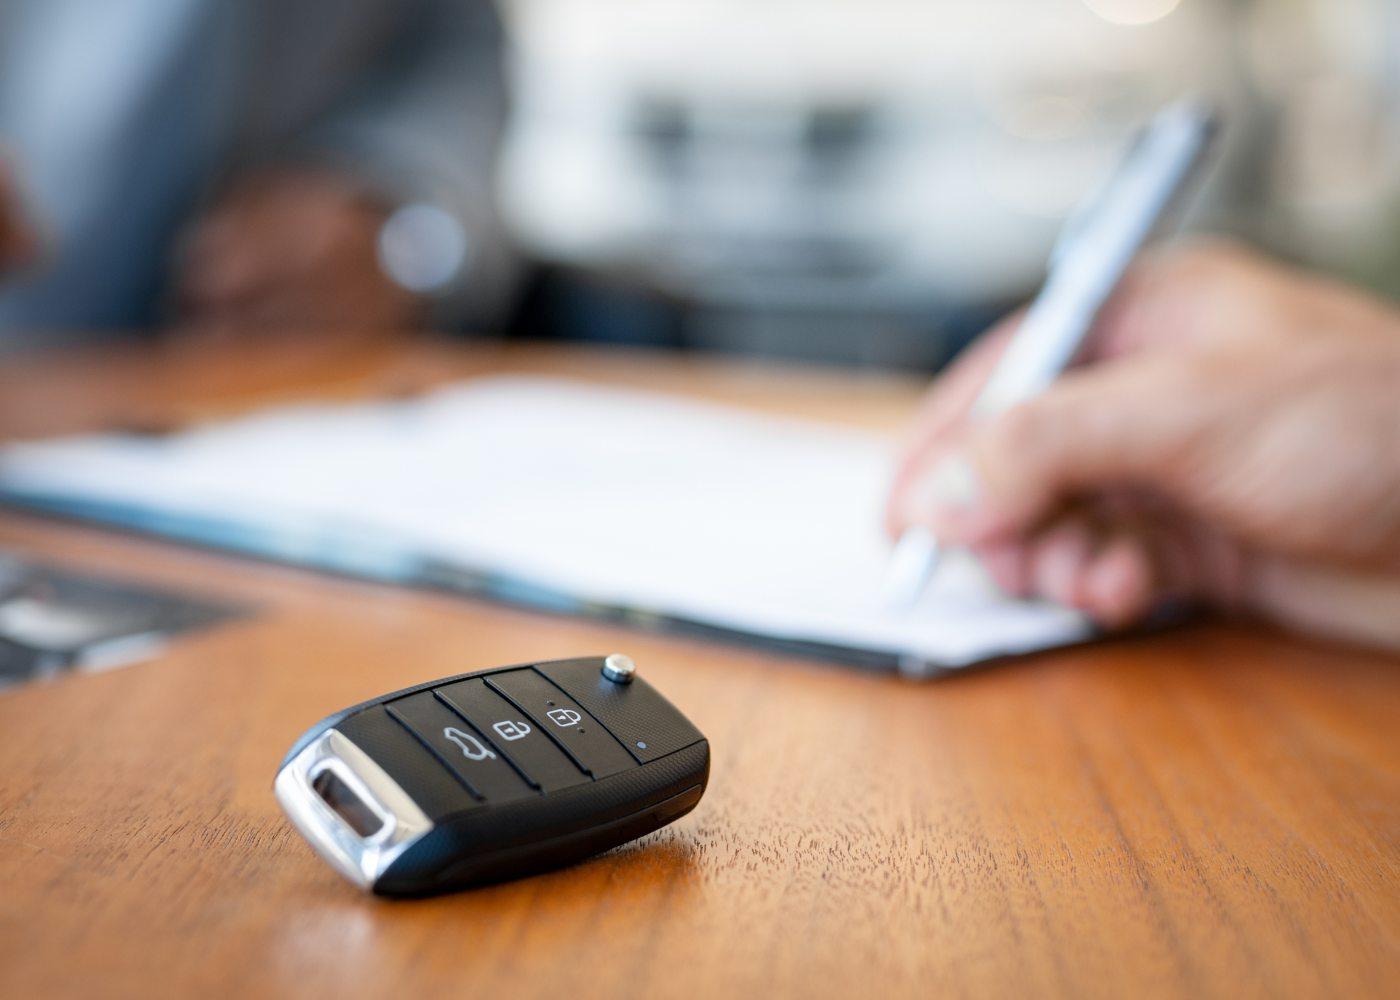 chave de carro em cima da mesa